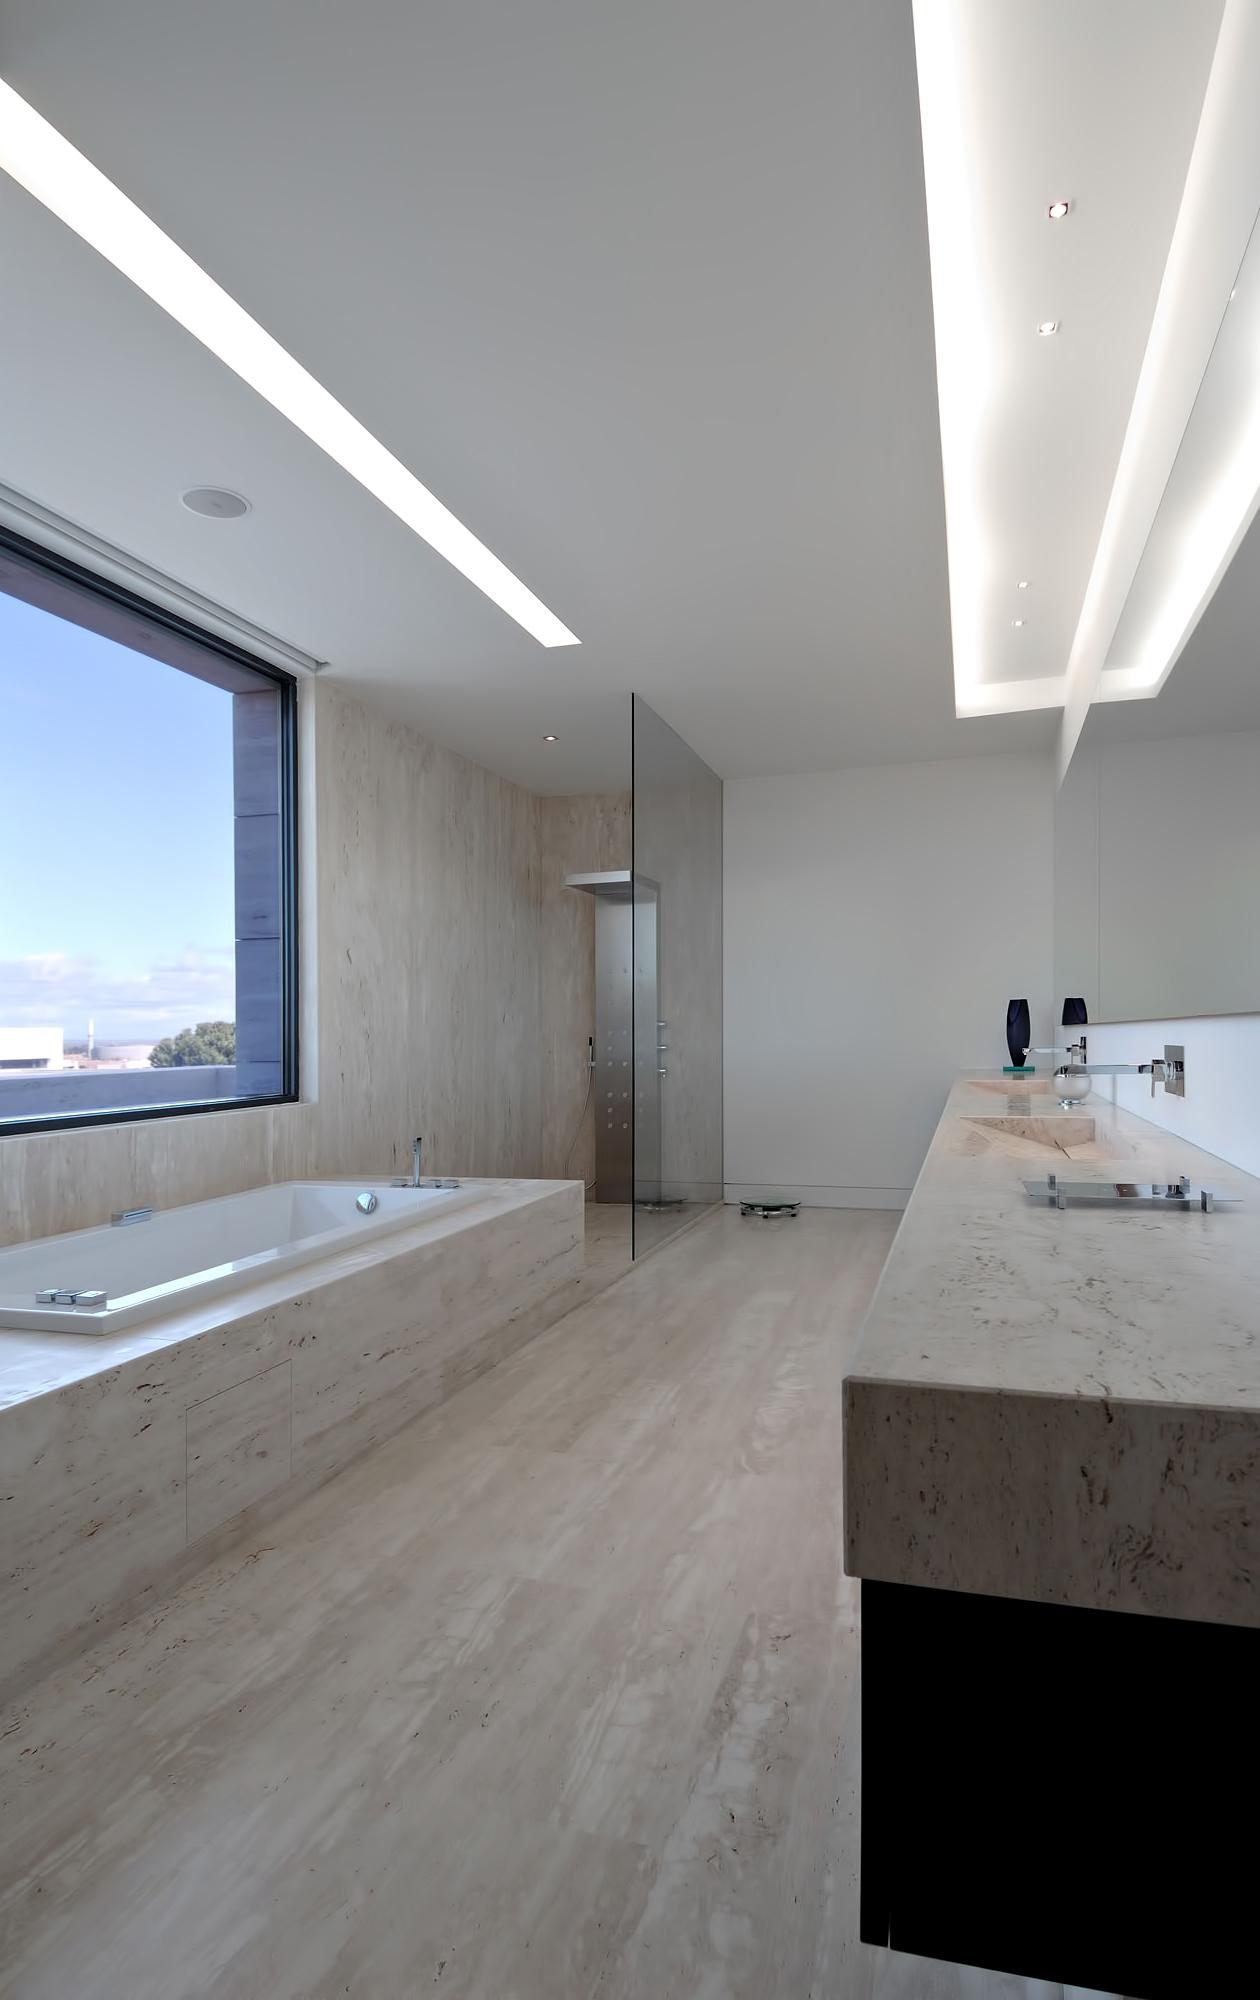 Vivienda 19 Luxury Residence – Pozuelo de Alarcón, Madrid, Spain